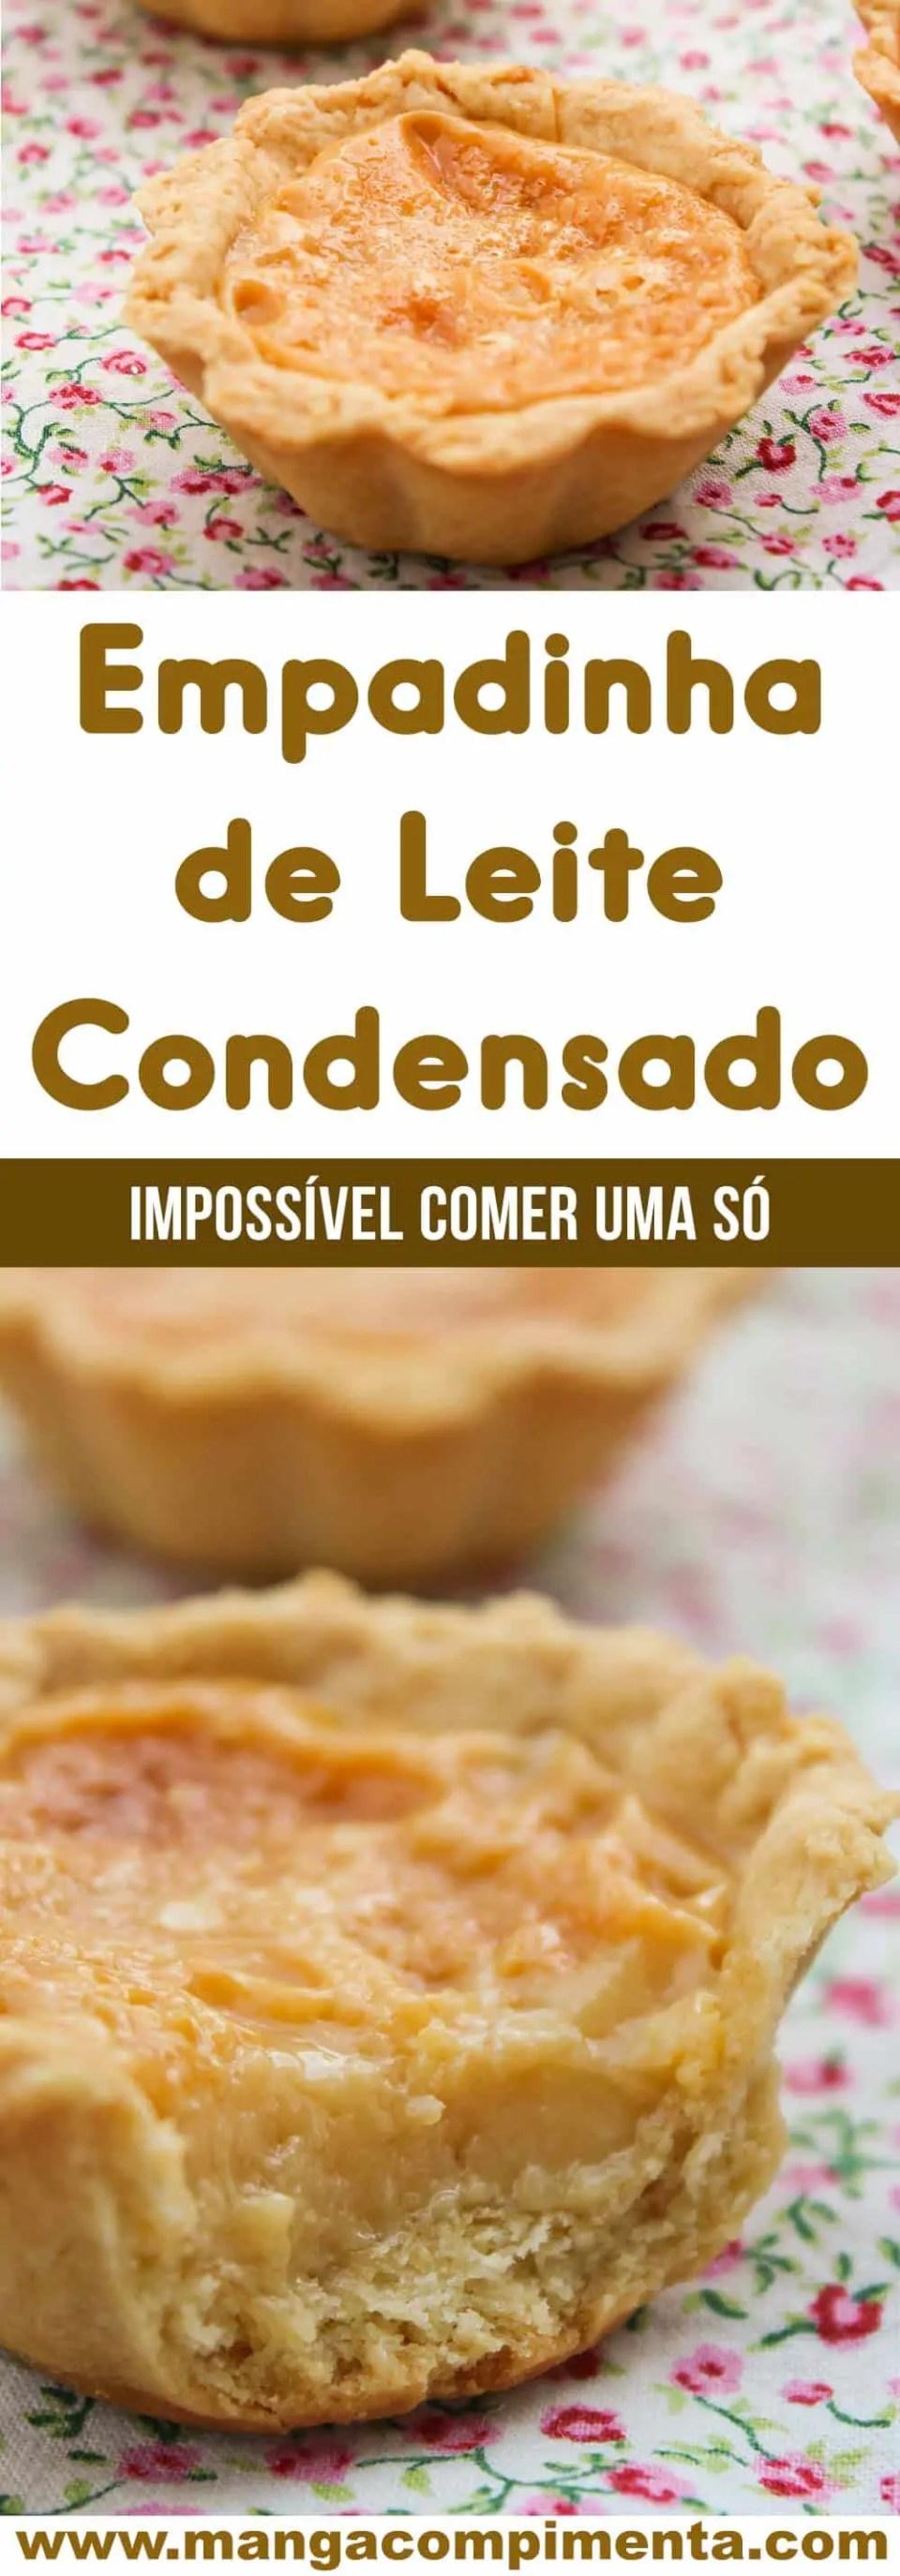 Receita de Empadinha de Leite Condensado - uma doce delicioso, impossível comer apenas um!